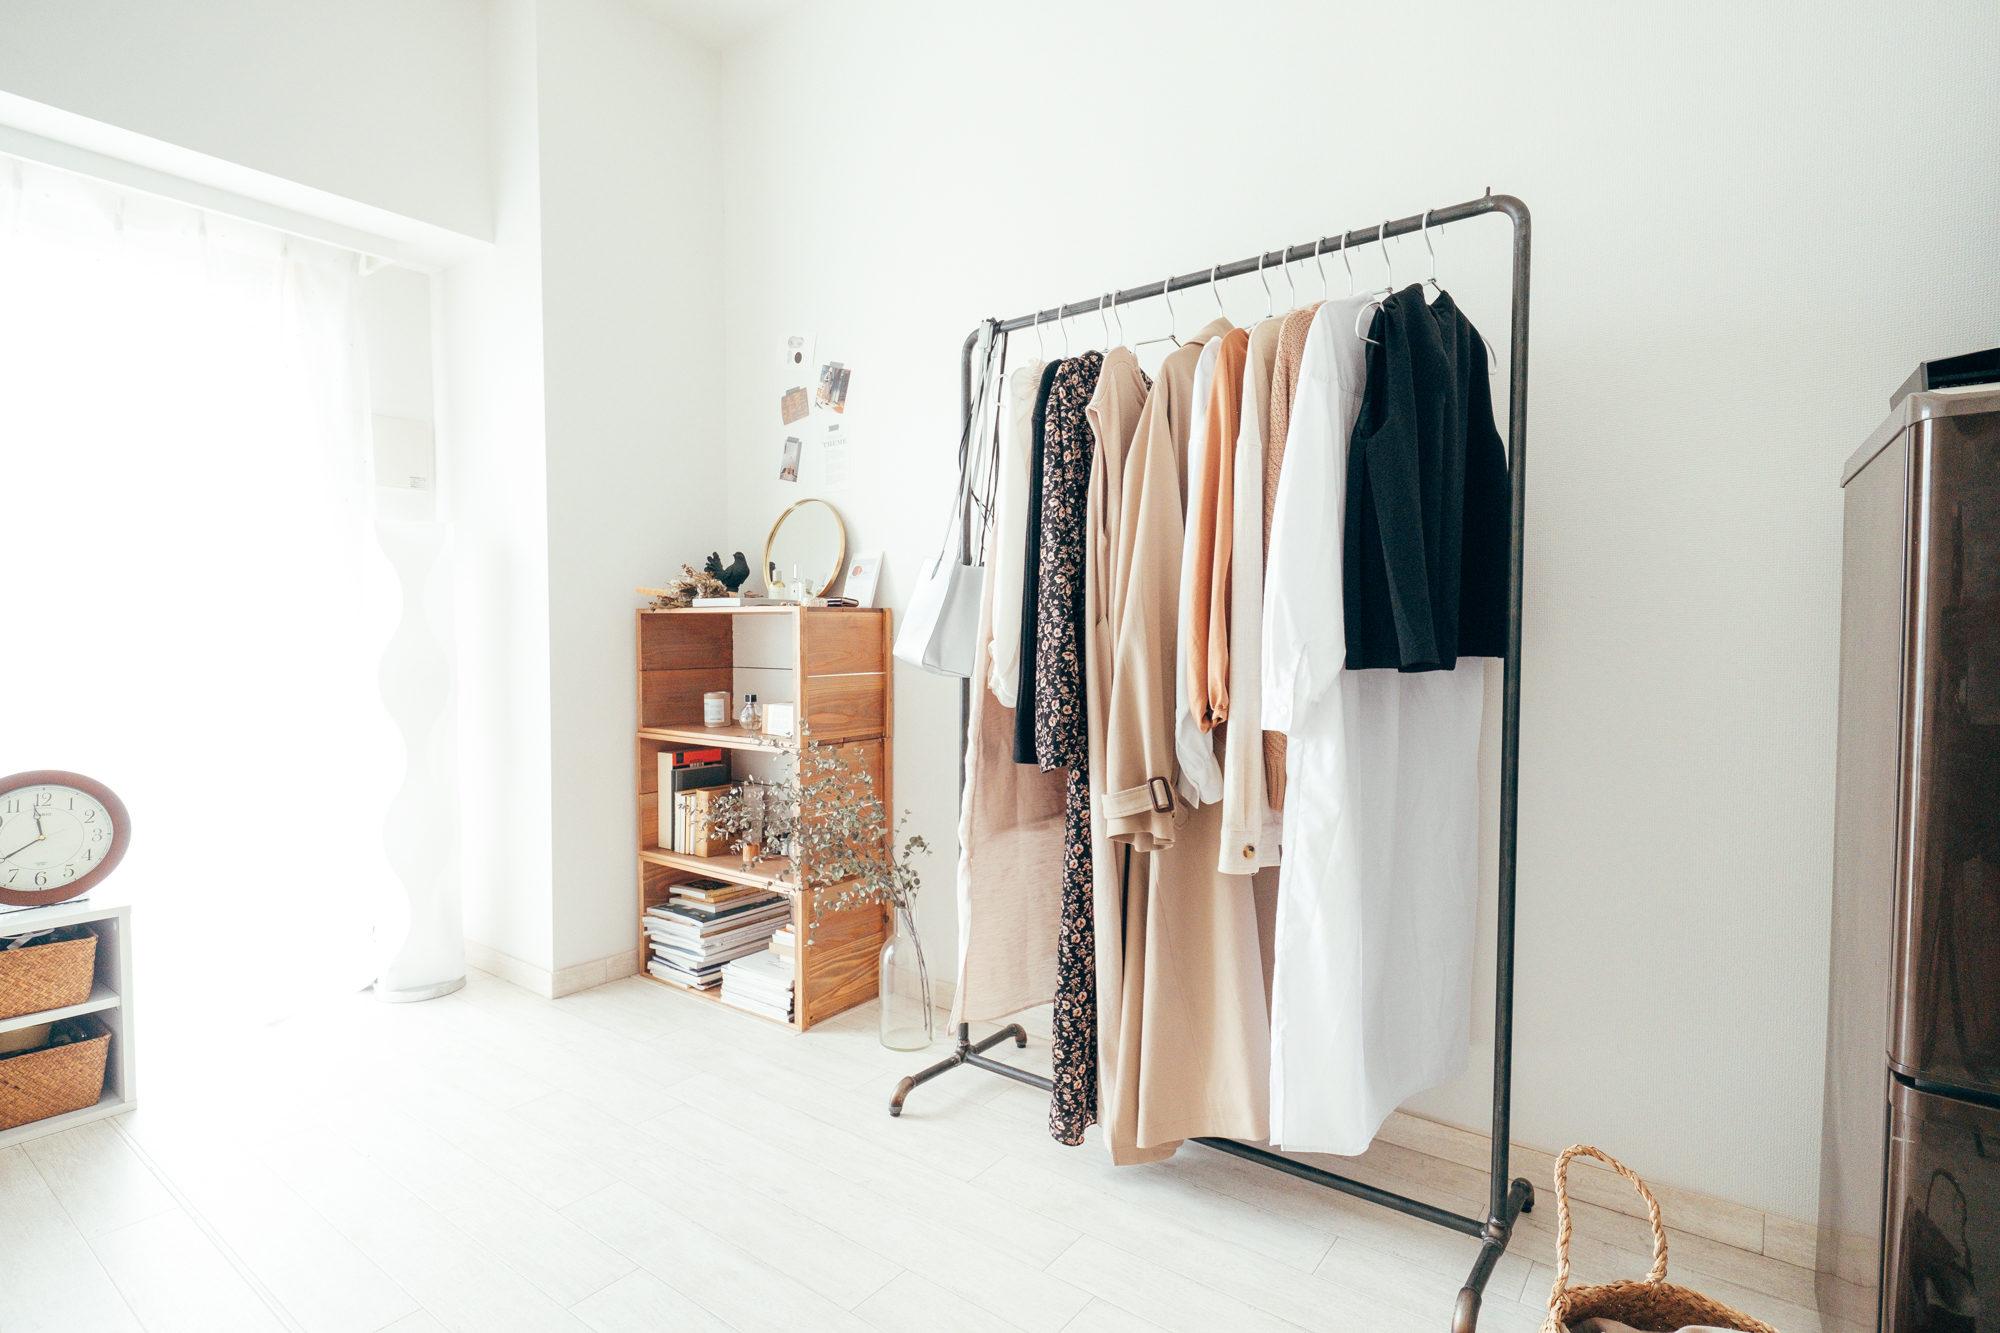 「お店のような空間を作りたい」と選ばれたのは、アイアンの風合いがクールなW standartdのハンガーラック。